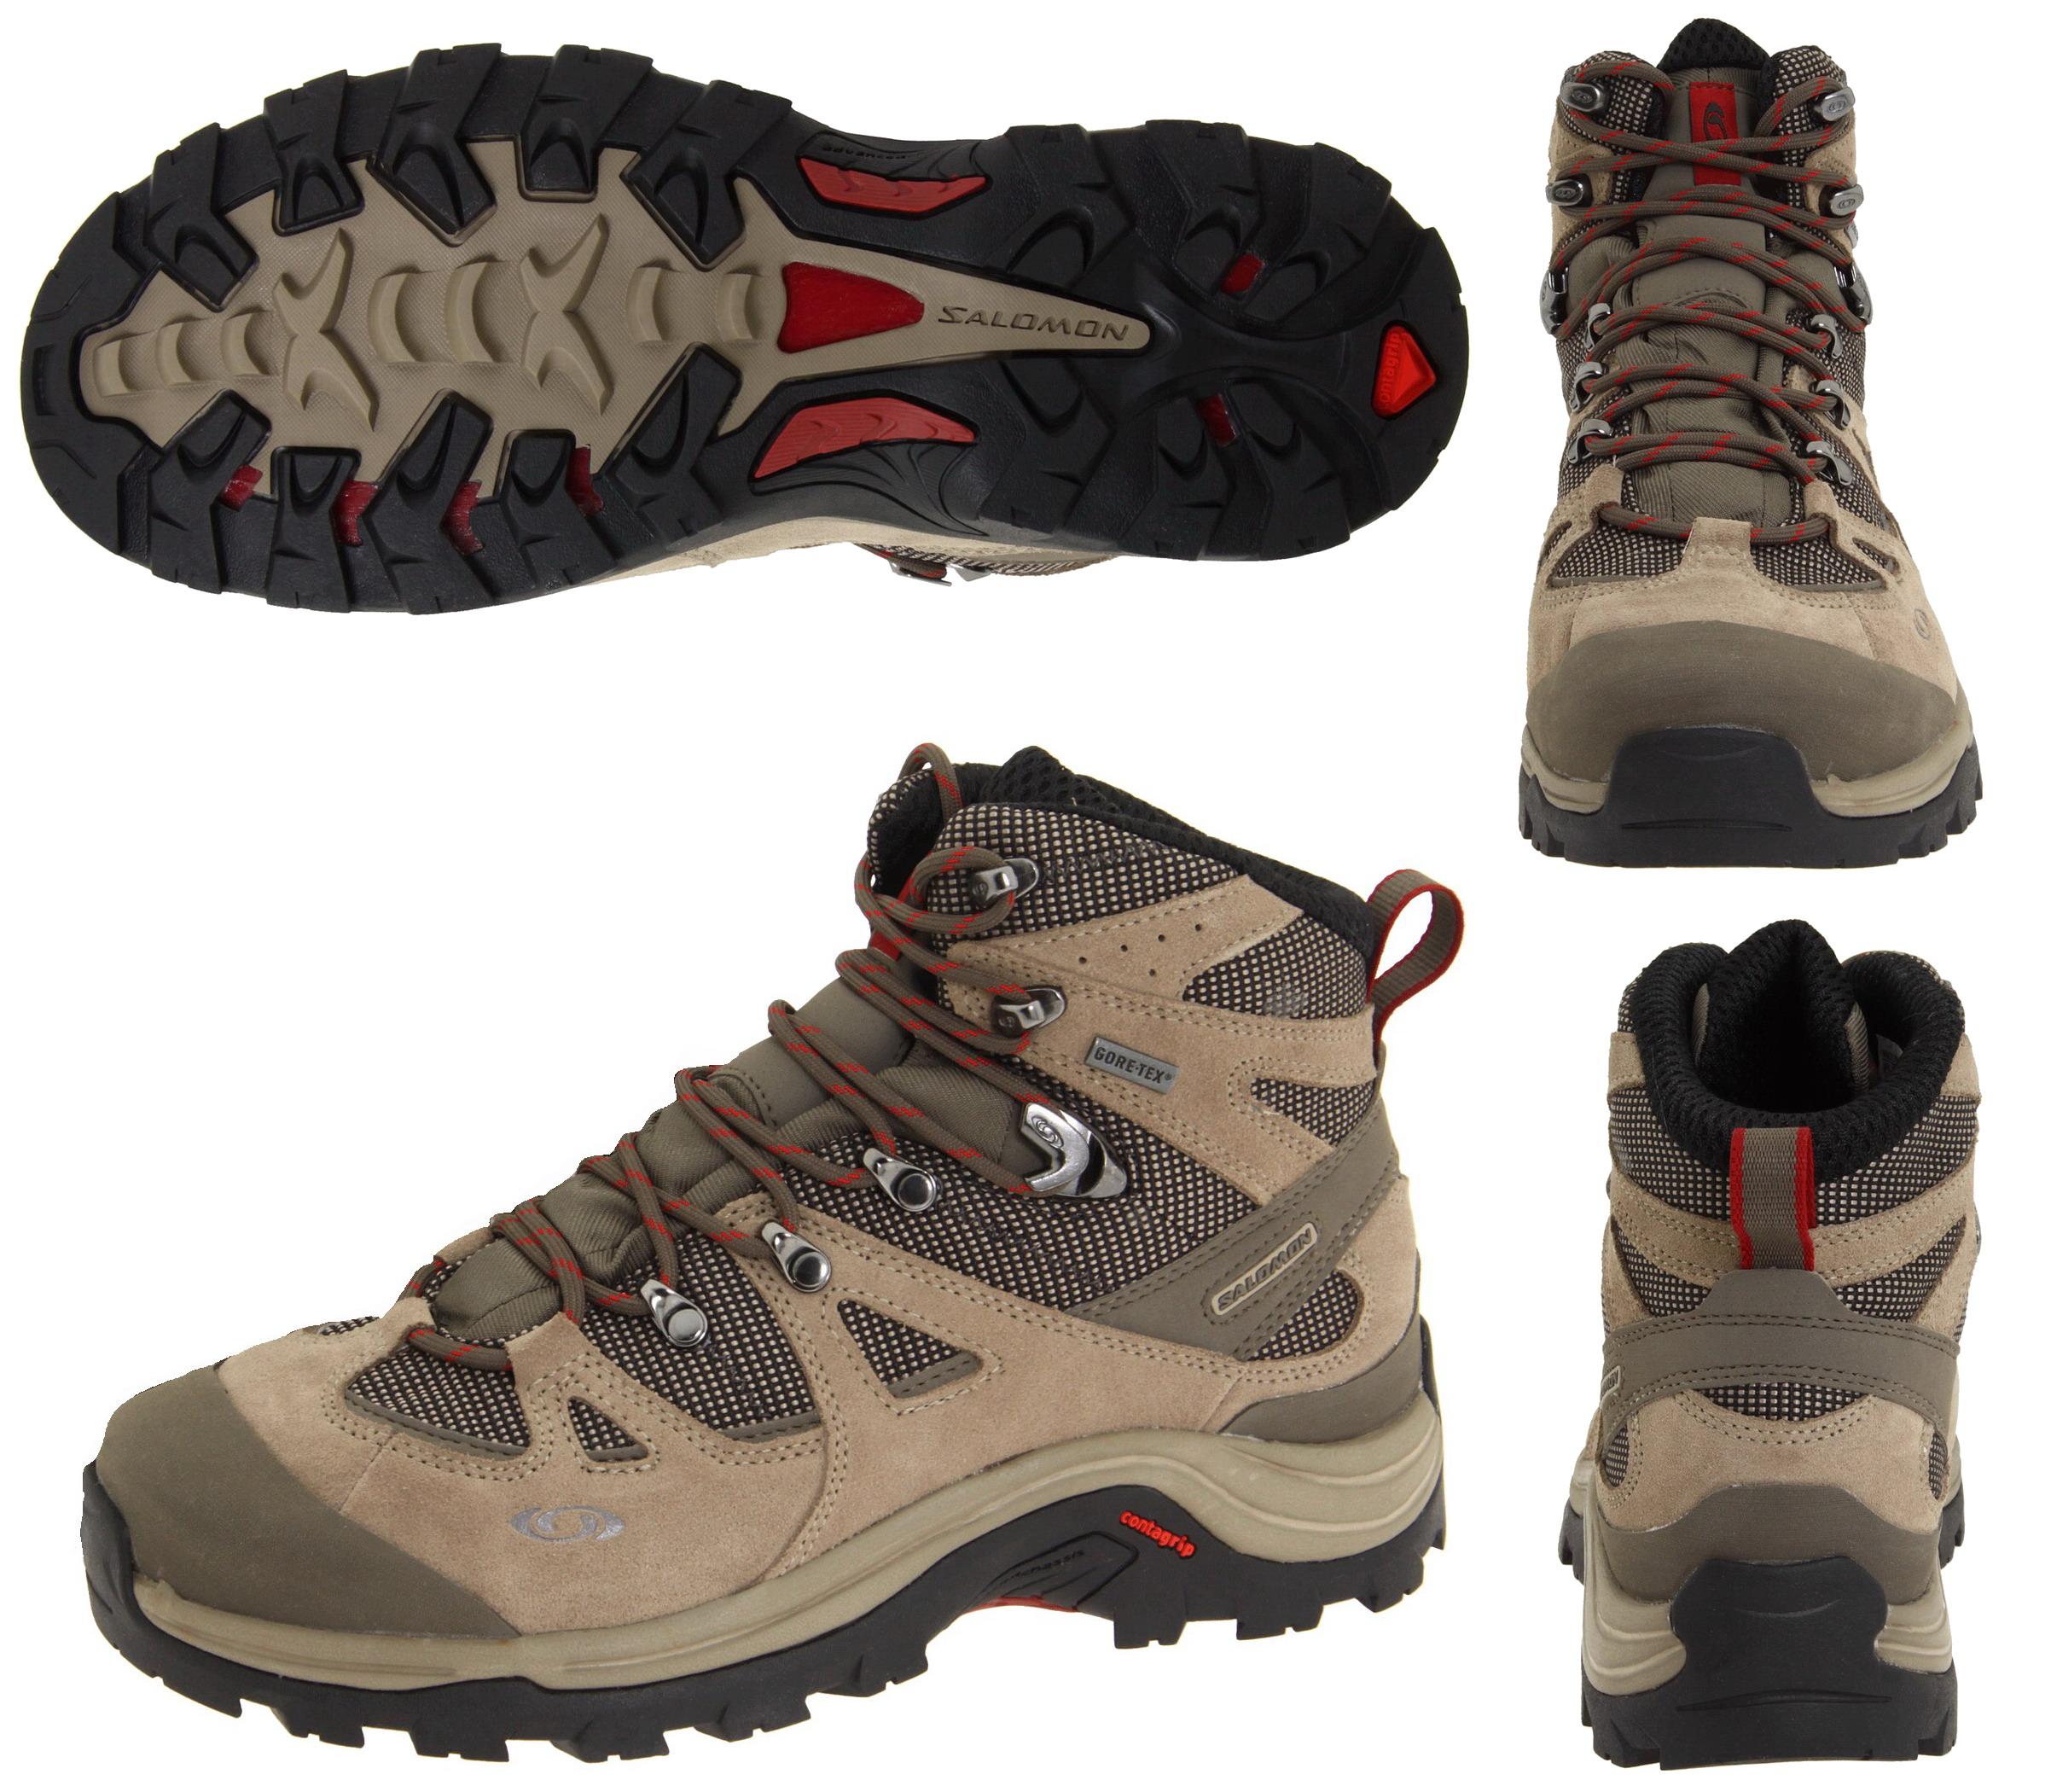 Salomon Discovery GTX buty trekkingowe - 36